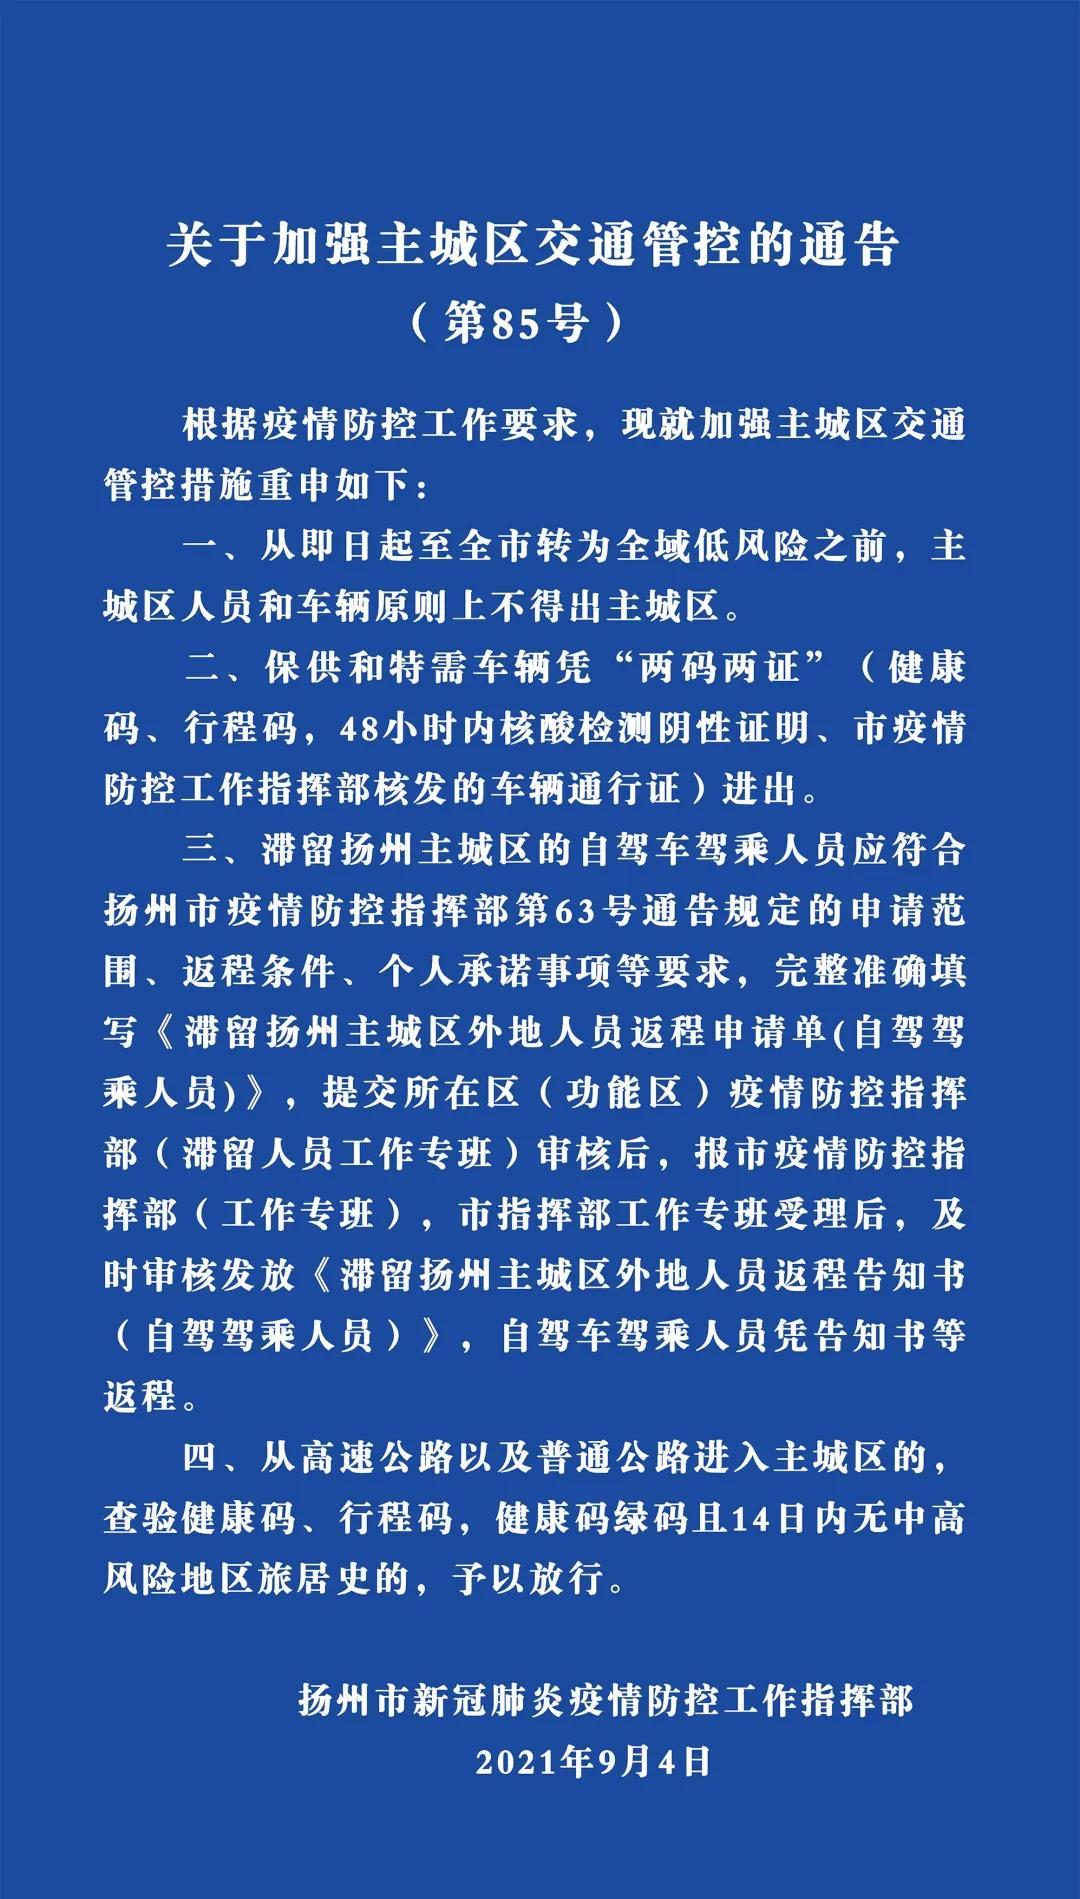 江苏扬州新增两处高速公路出入主城区通道